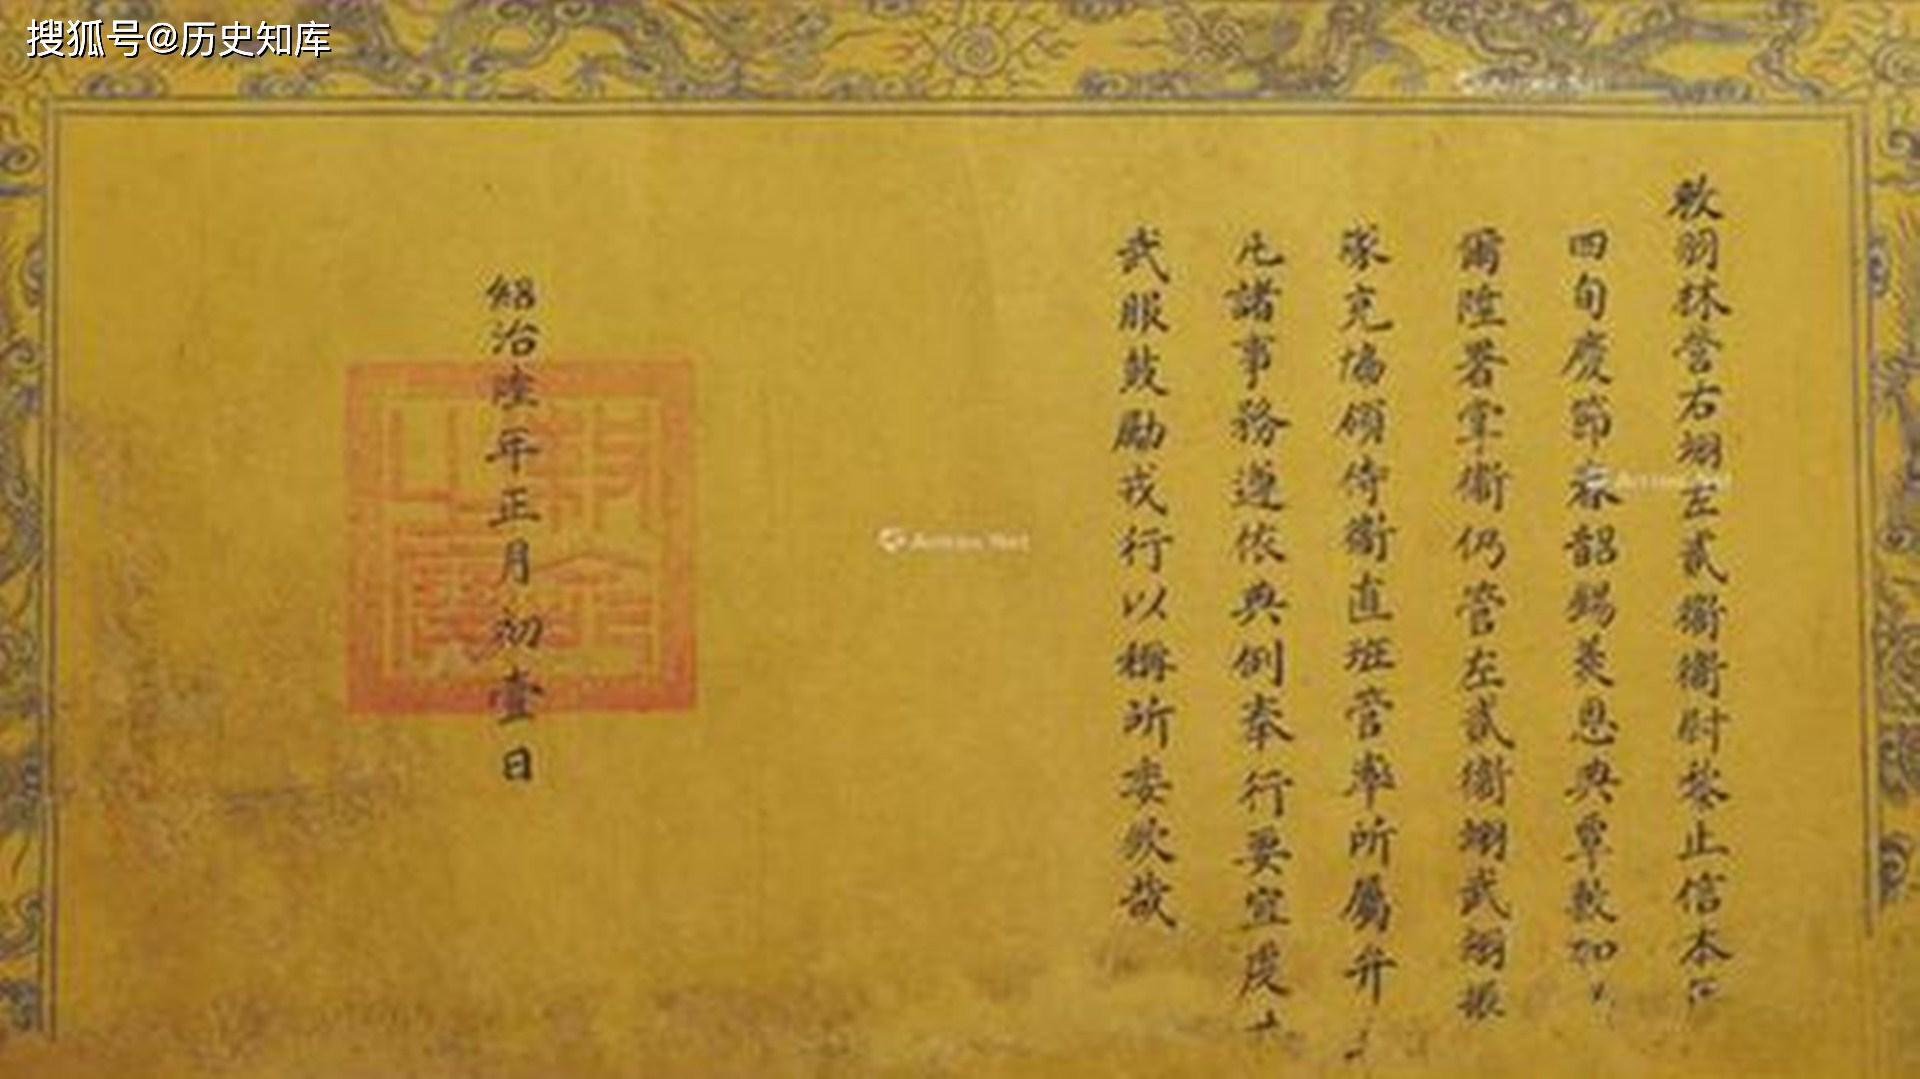 越南某古墓出土一道圣旨,写的全是汉字,越南专家请中国帮忙鉴定